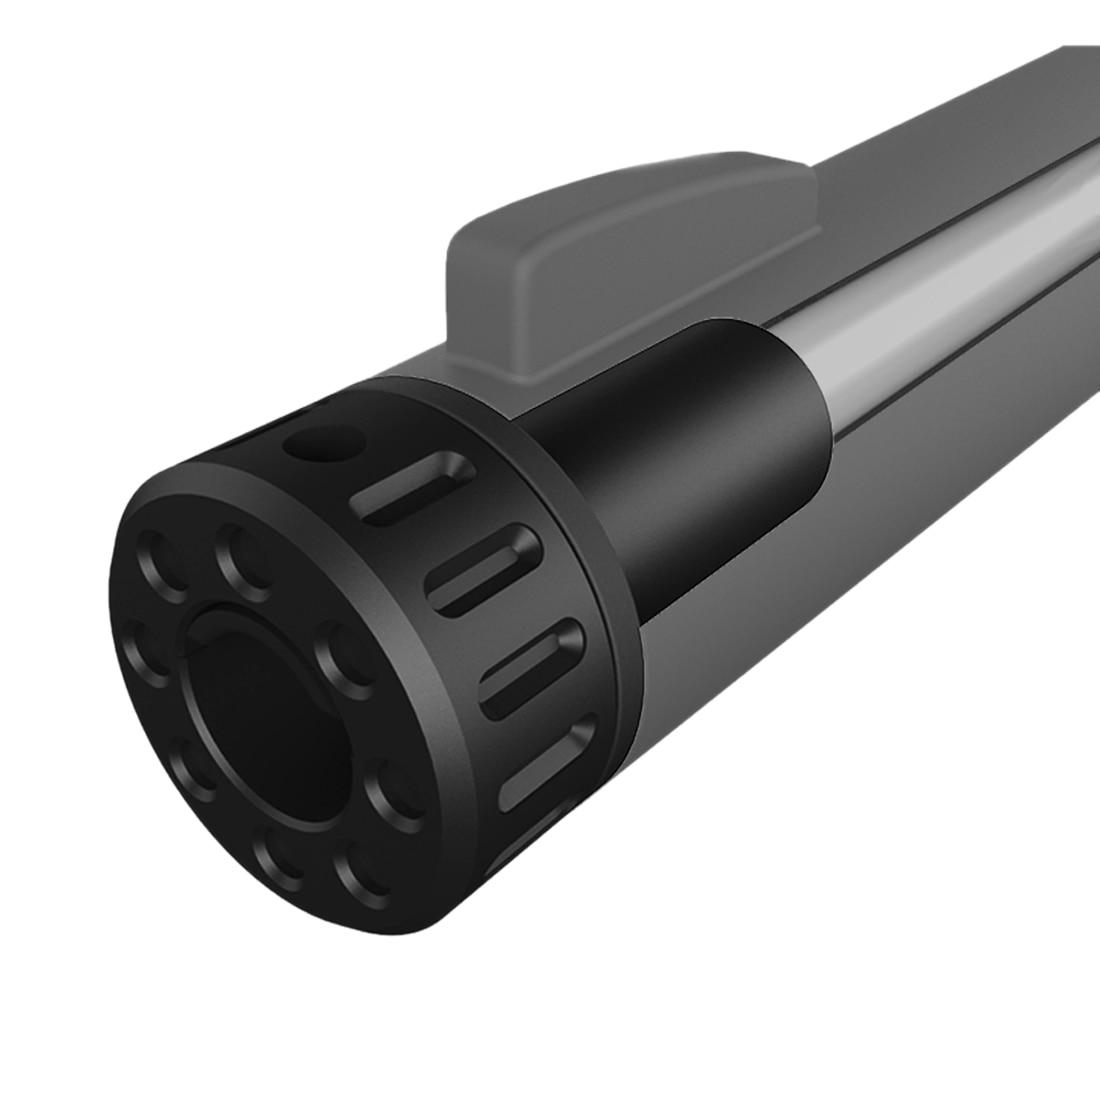 Gel de agua de piezas recto ajustable Hop por GJ M24 agua perlas de Gel Blaster modificación actualización-Negro